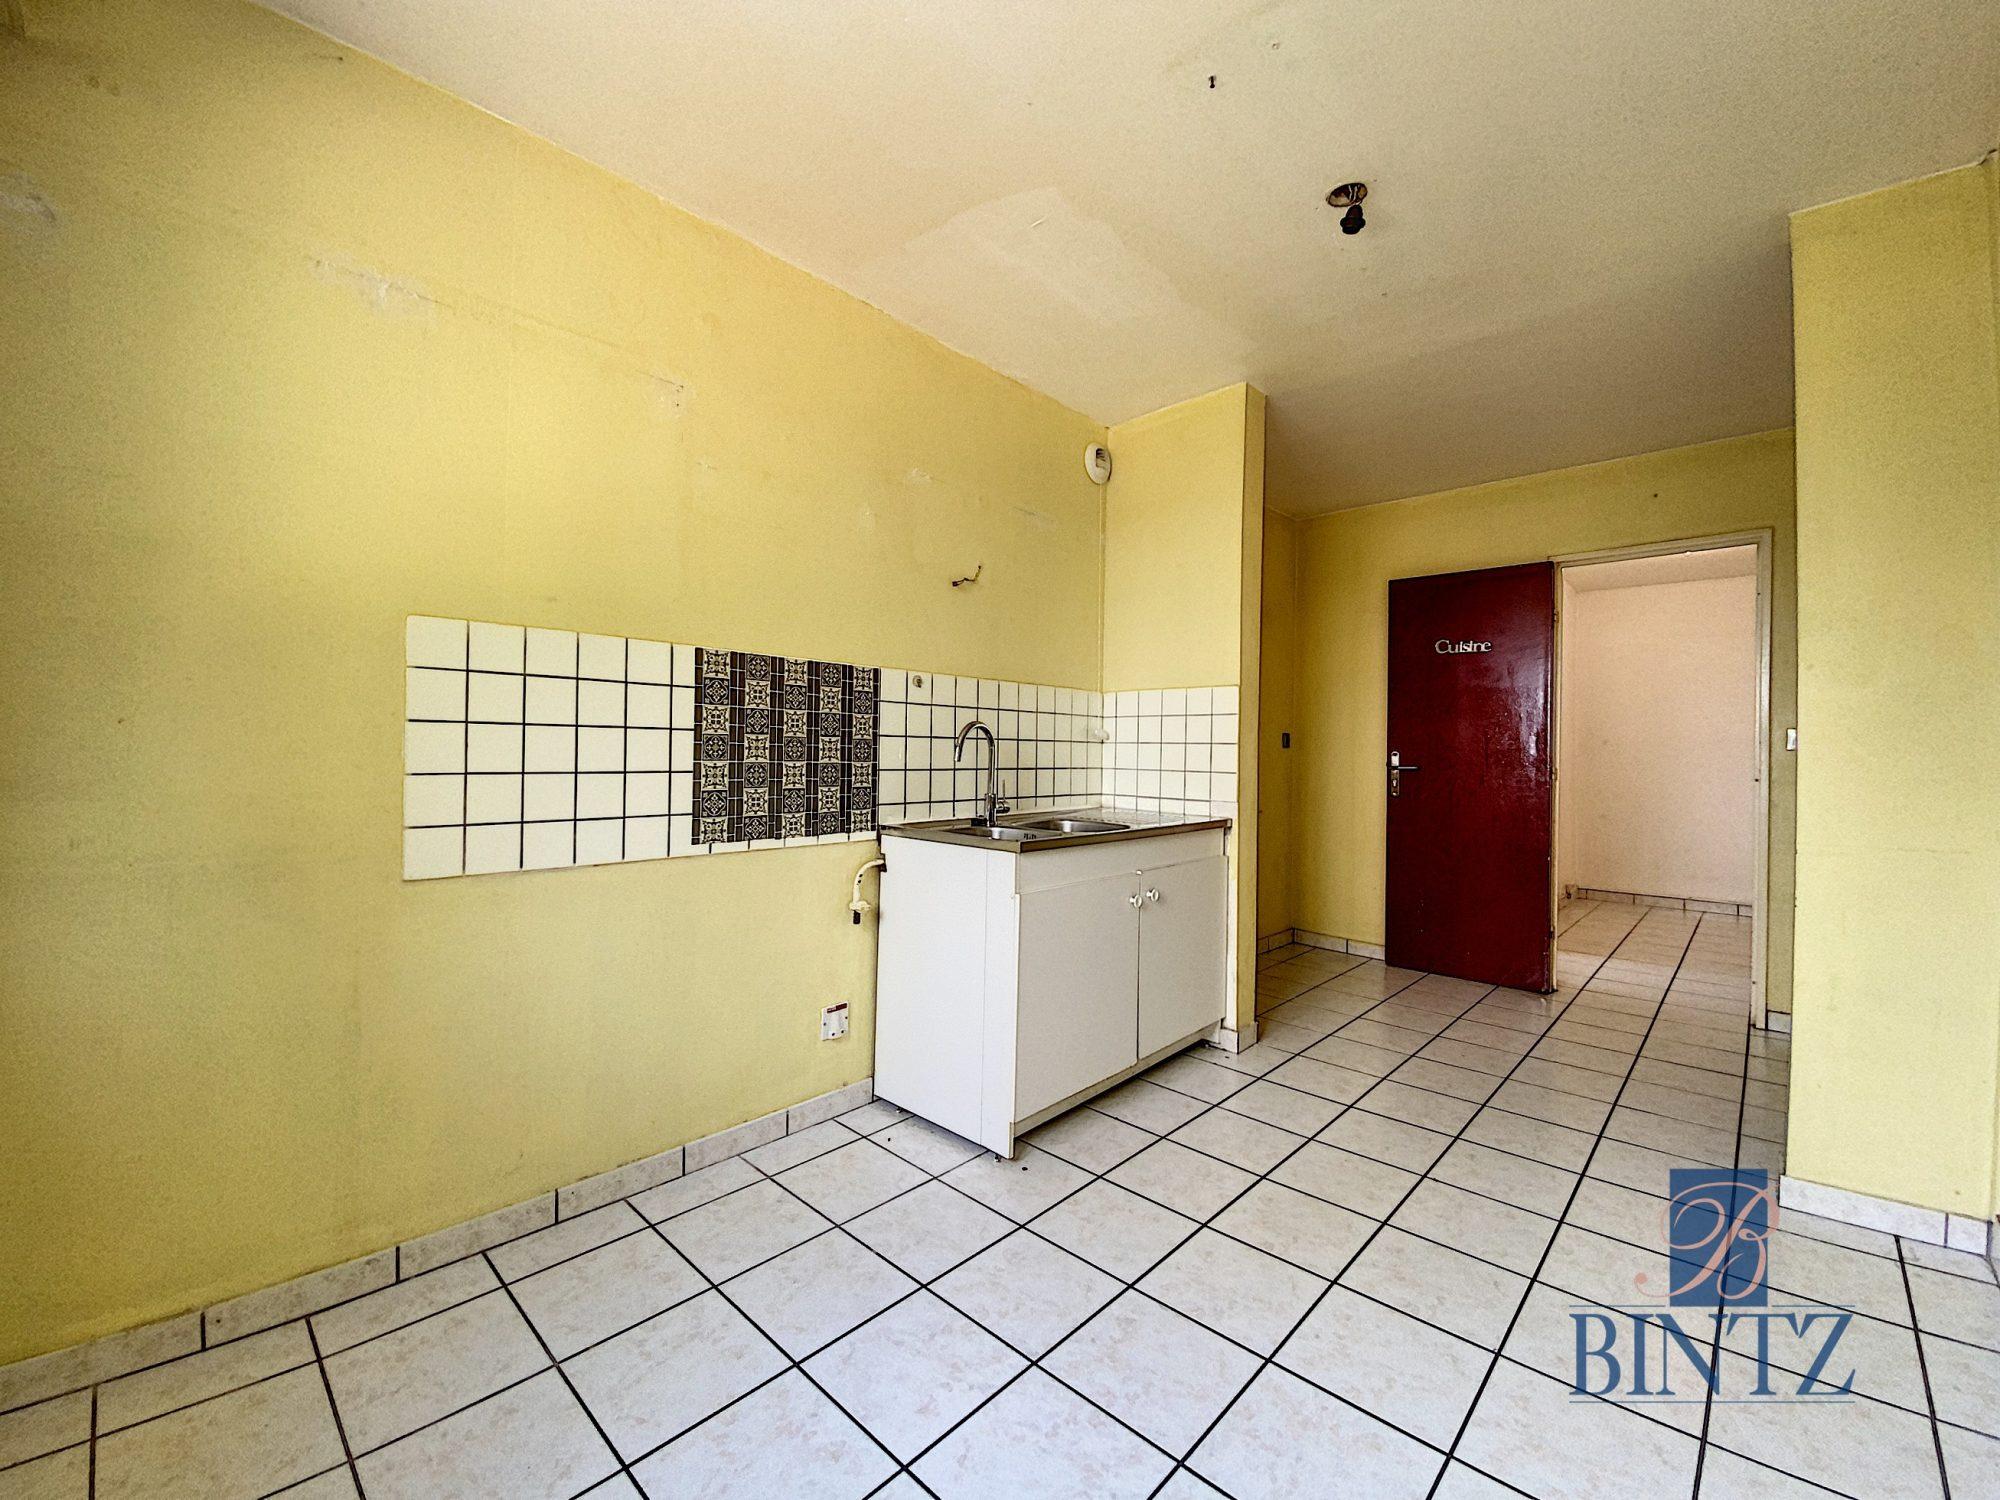 Boulevard la Fontaine Appartement 3 pièces + garage fermé - Devenez propriétaire en toute confiance - Bintz Immobilier - 7